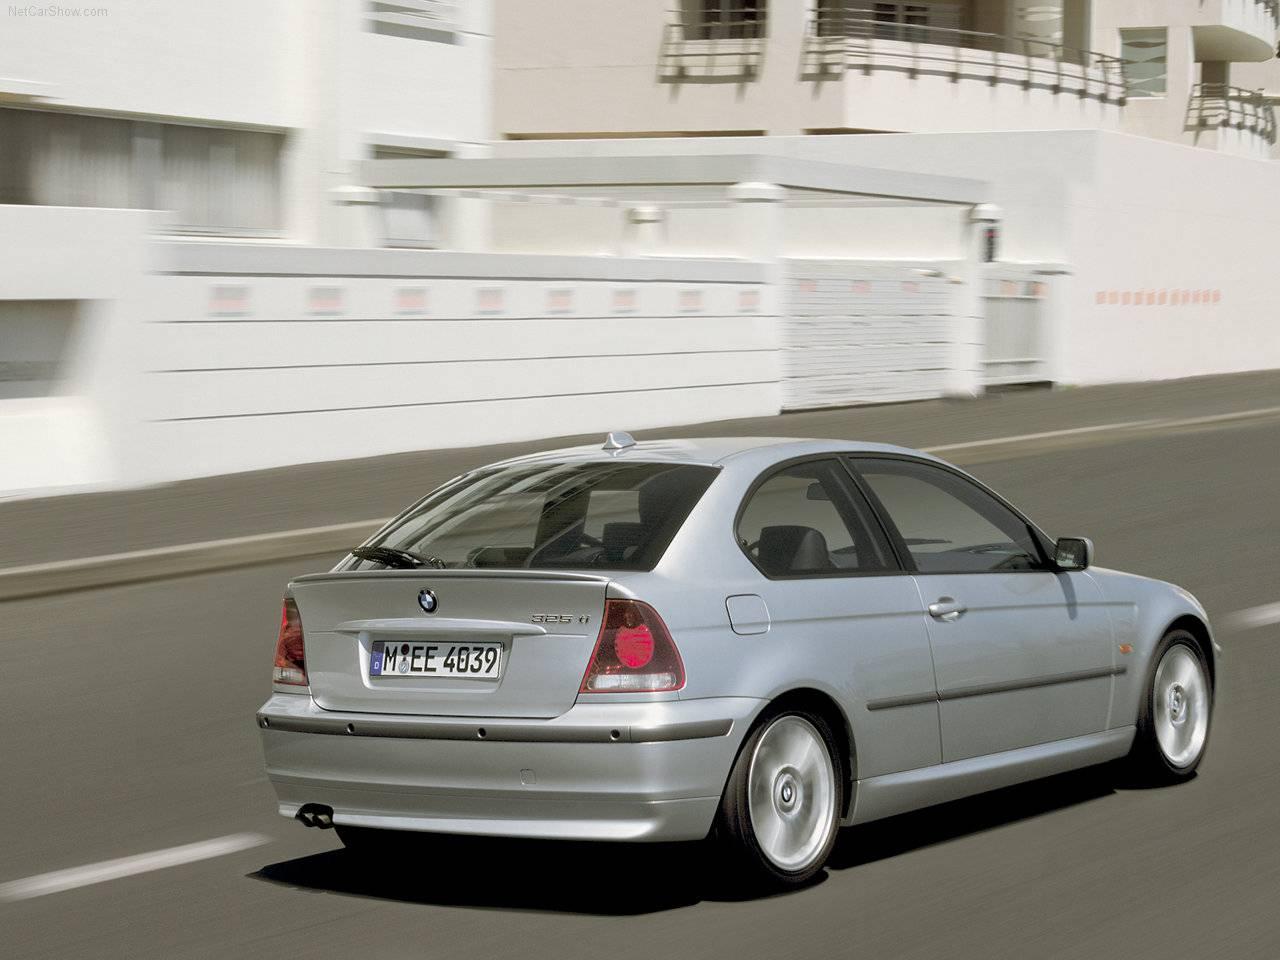 http://1.bp.blogspot.com/_xhqjRo6NERQ/S68UdR5azWI/AAAAAAAAGVc/i05t0VpJyIE/s1600/BMW-3-Series_Compact_2003_1280x960_wallpaper_02.jpg